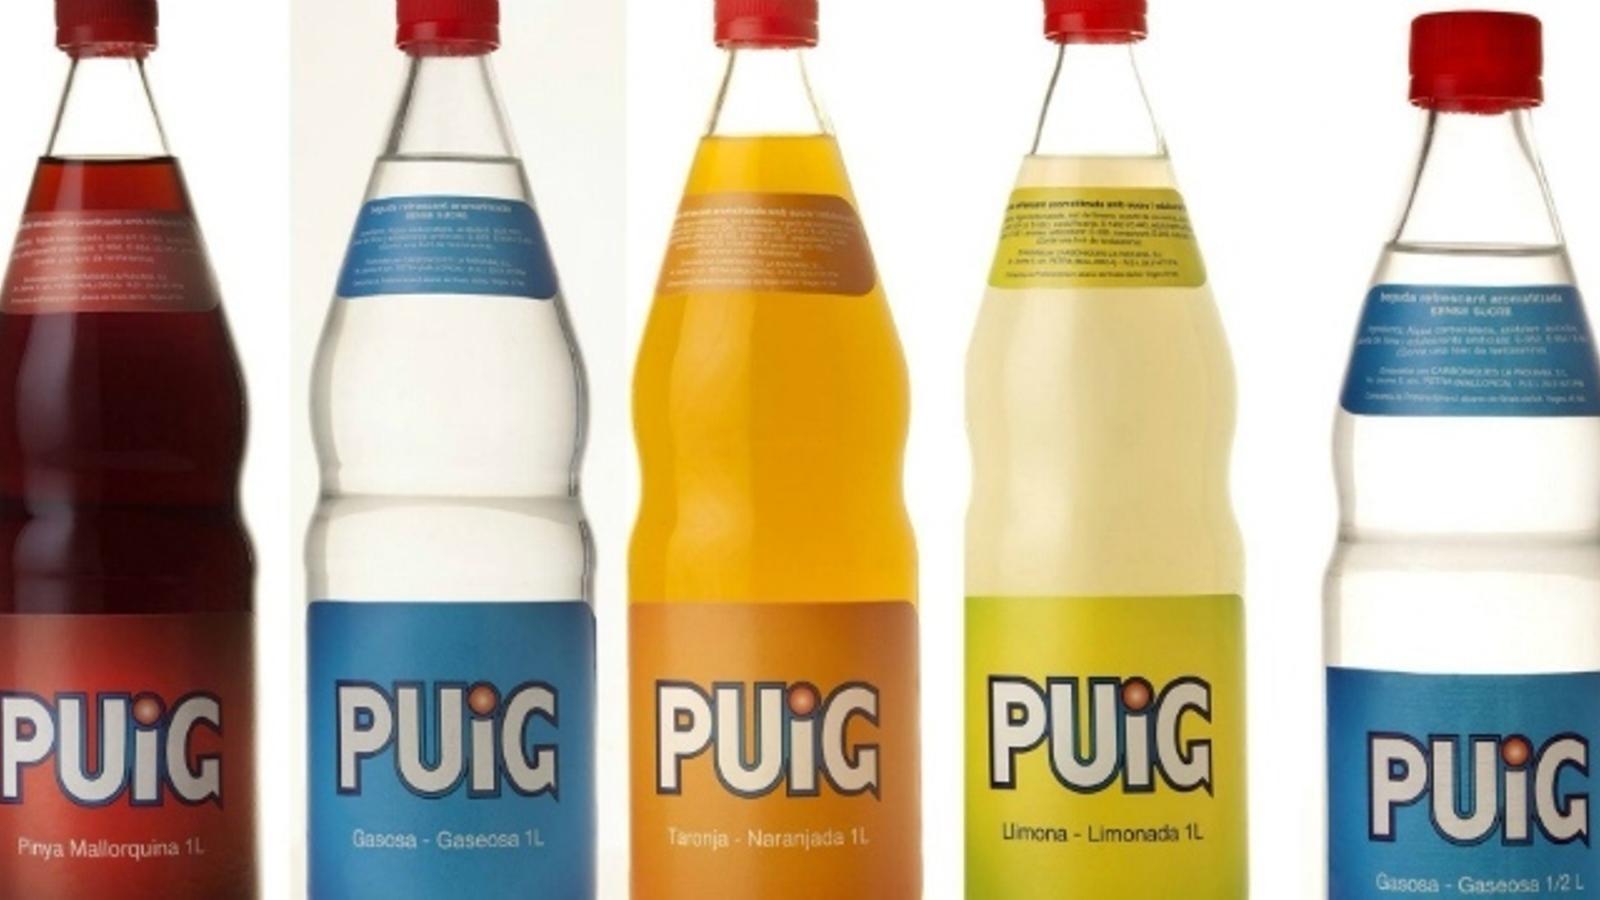 La nova beguda Puig Lemon ha adquirit la logística de Pep Lemon i pretén omplir el buit que ha deixat